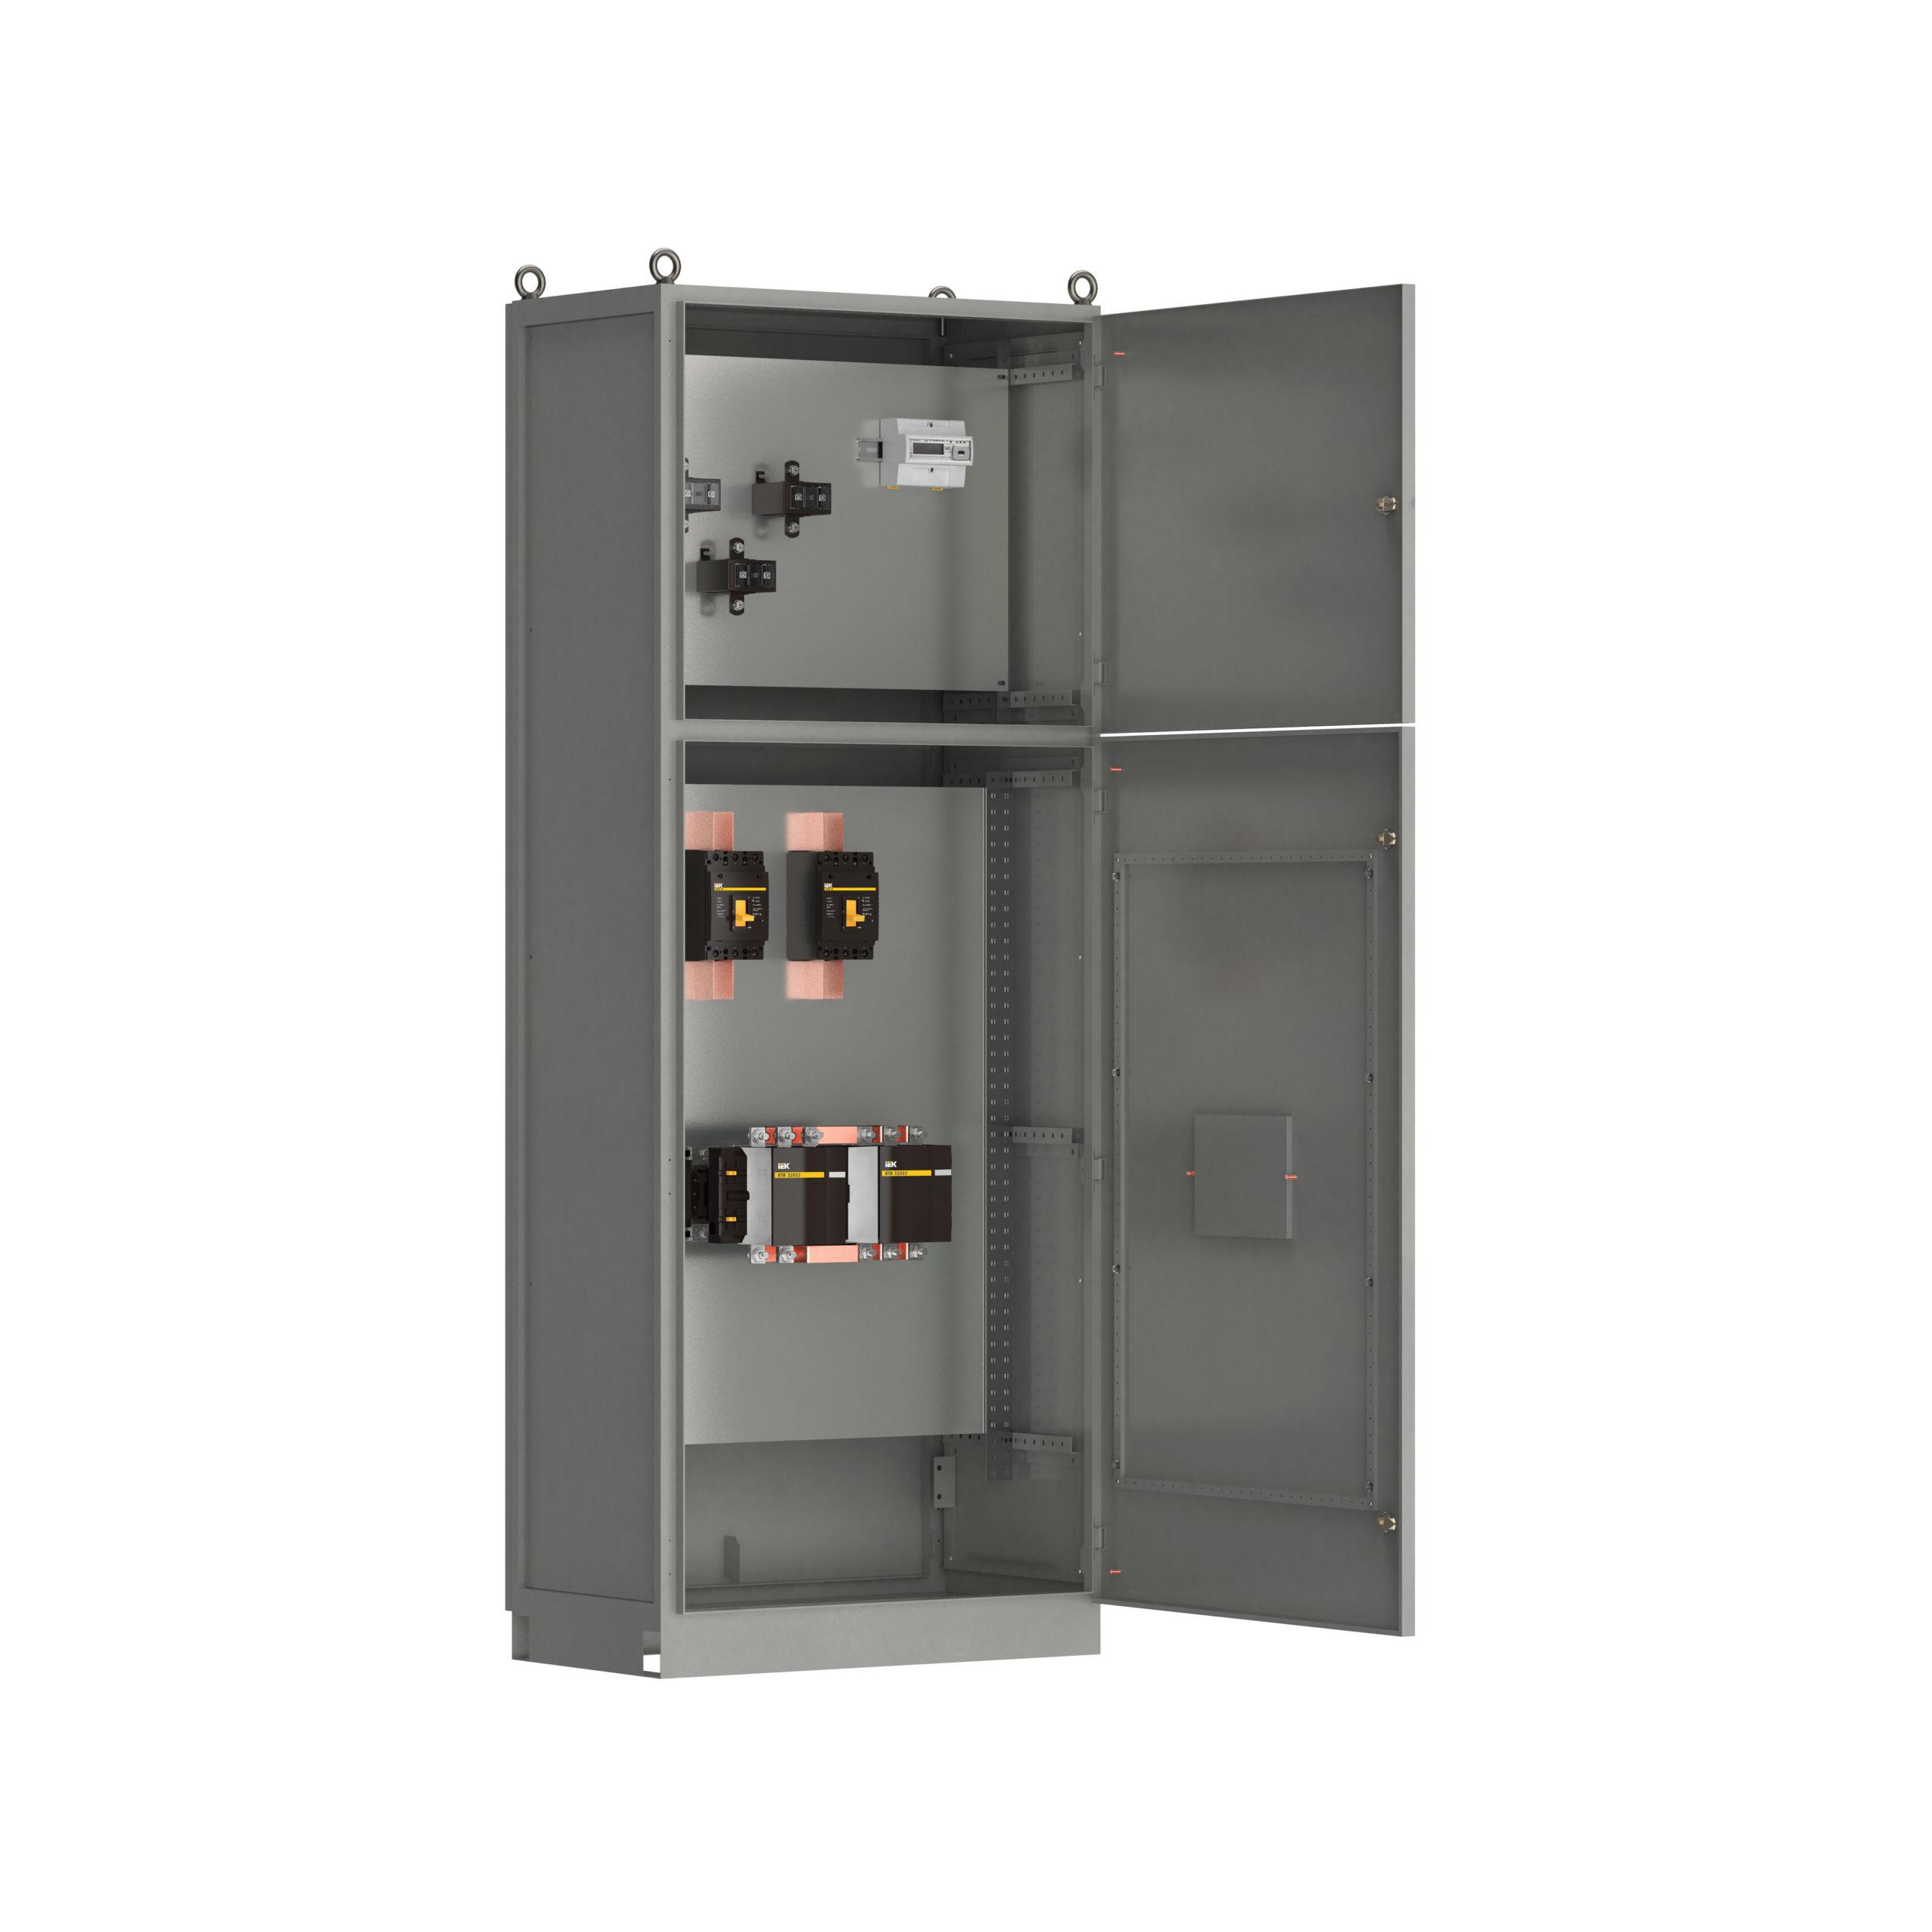 Панель вводная ВРУ-8504 МУ 3ВА-8-25-0-30 выключатели автоматические 3Р 2х250А контактор реверсивный 1х265А и учет IEK